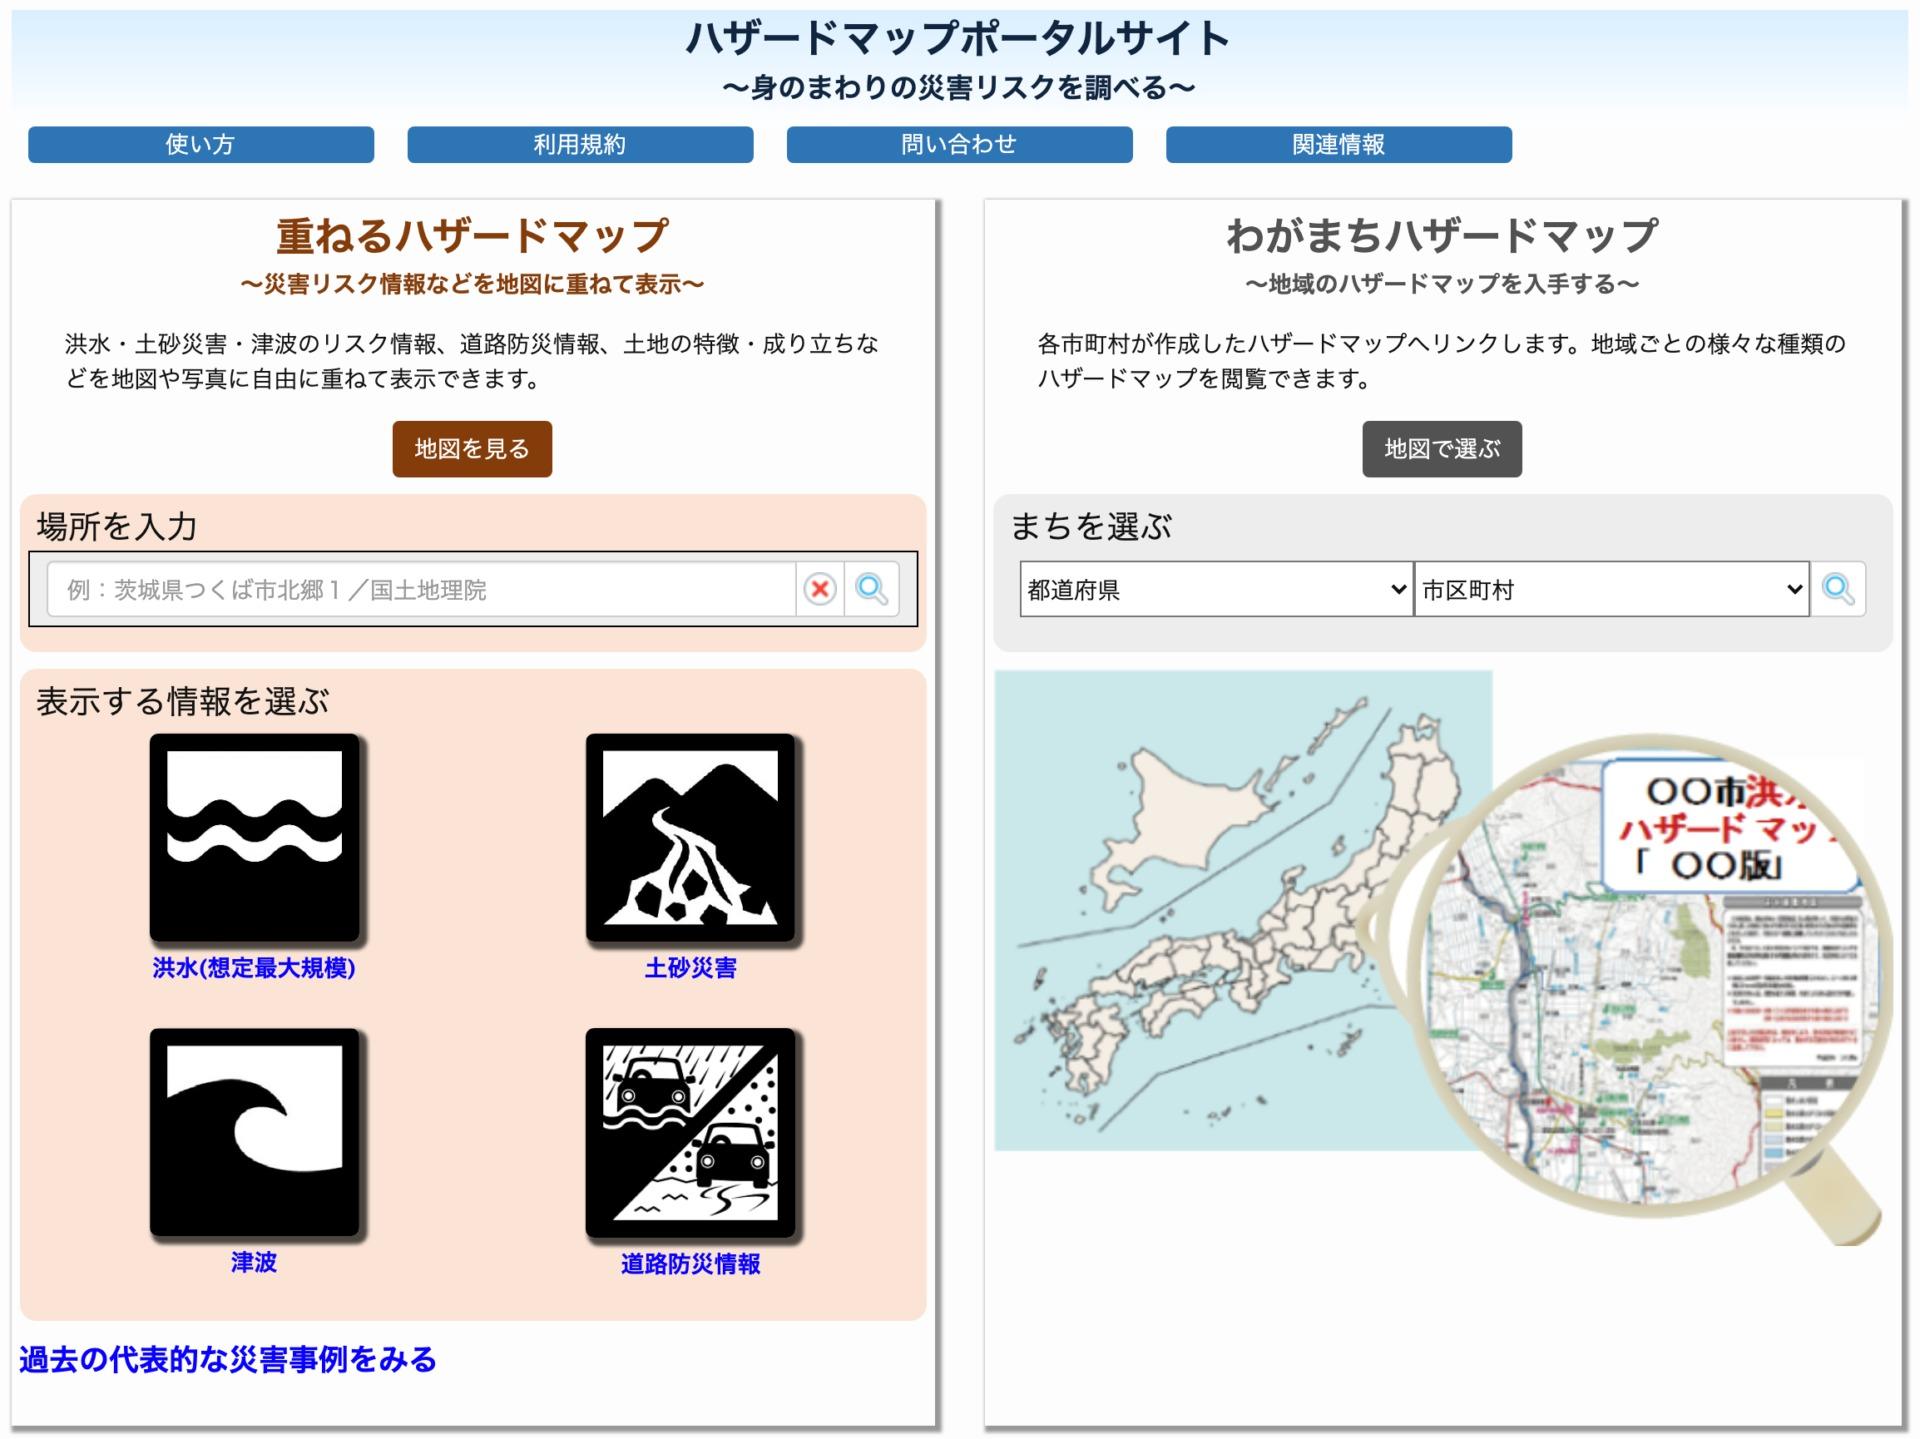 国土交通省ハザードマップポータルサイトの「重なるハザードマップ」「わがまちハザードマップ」